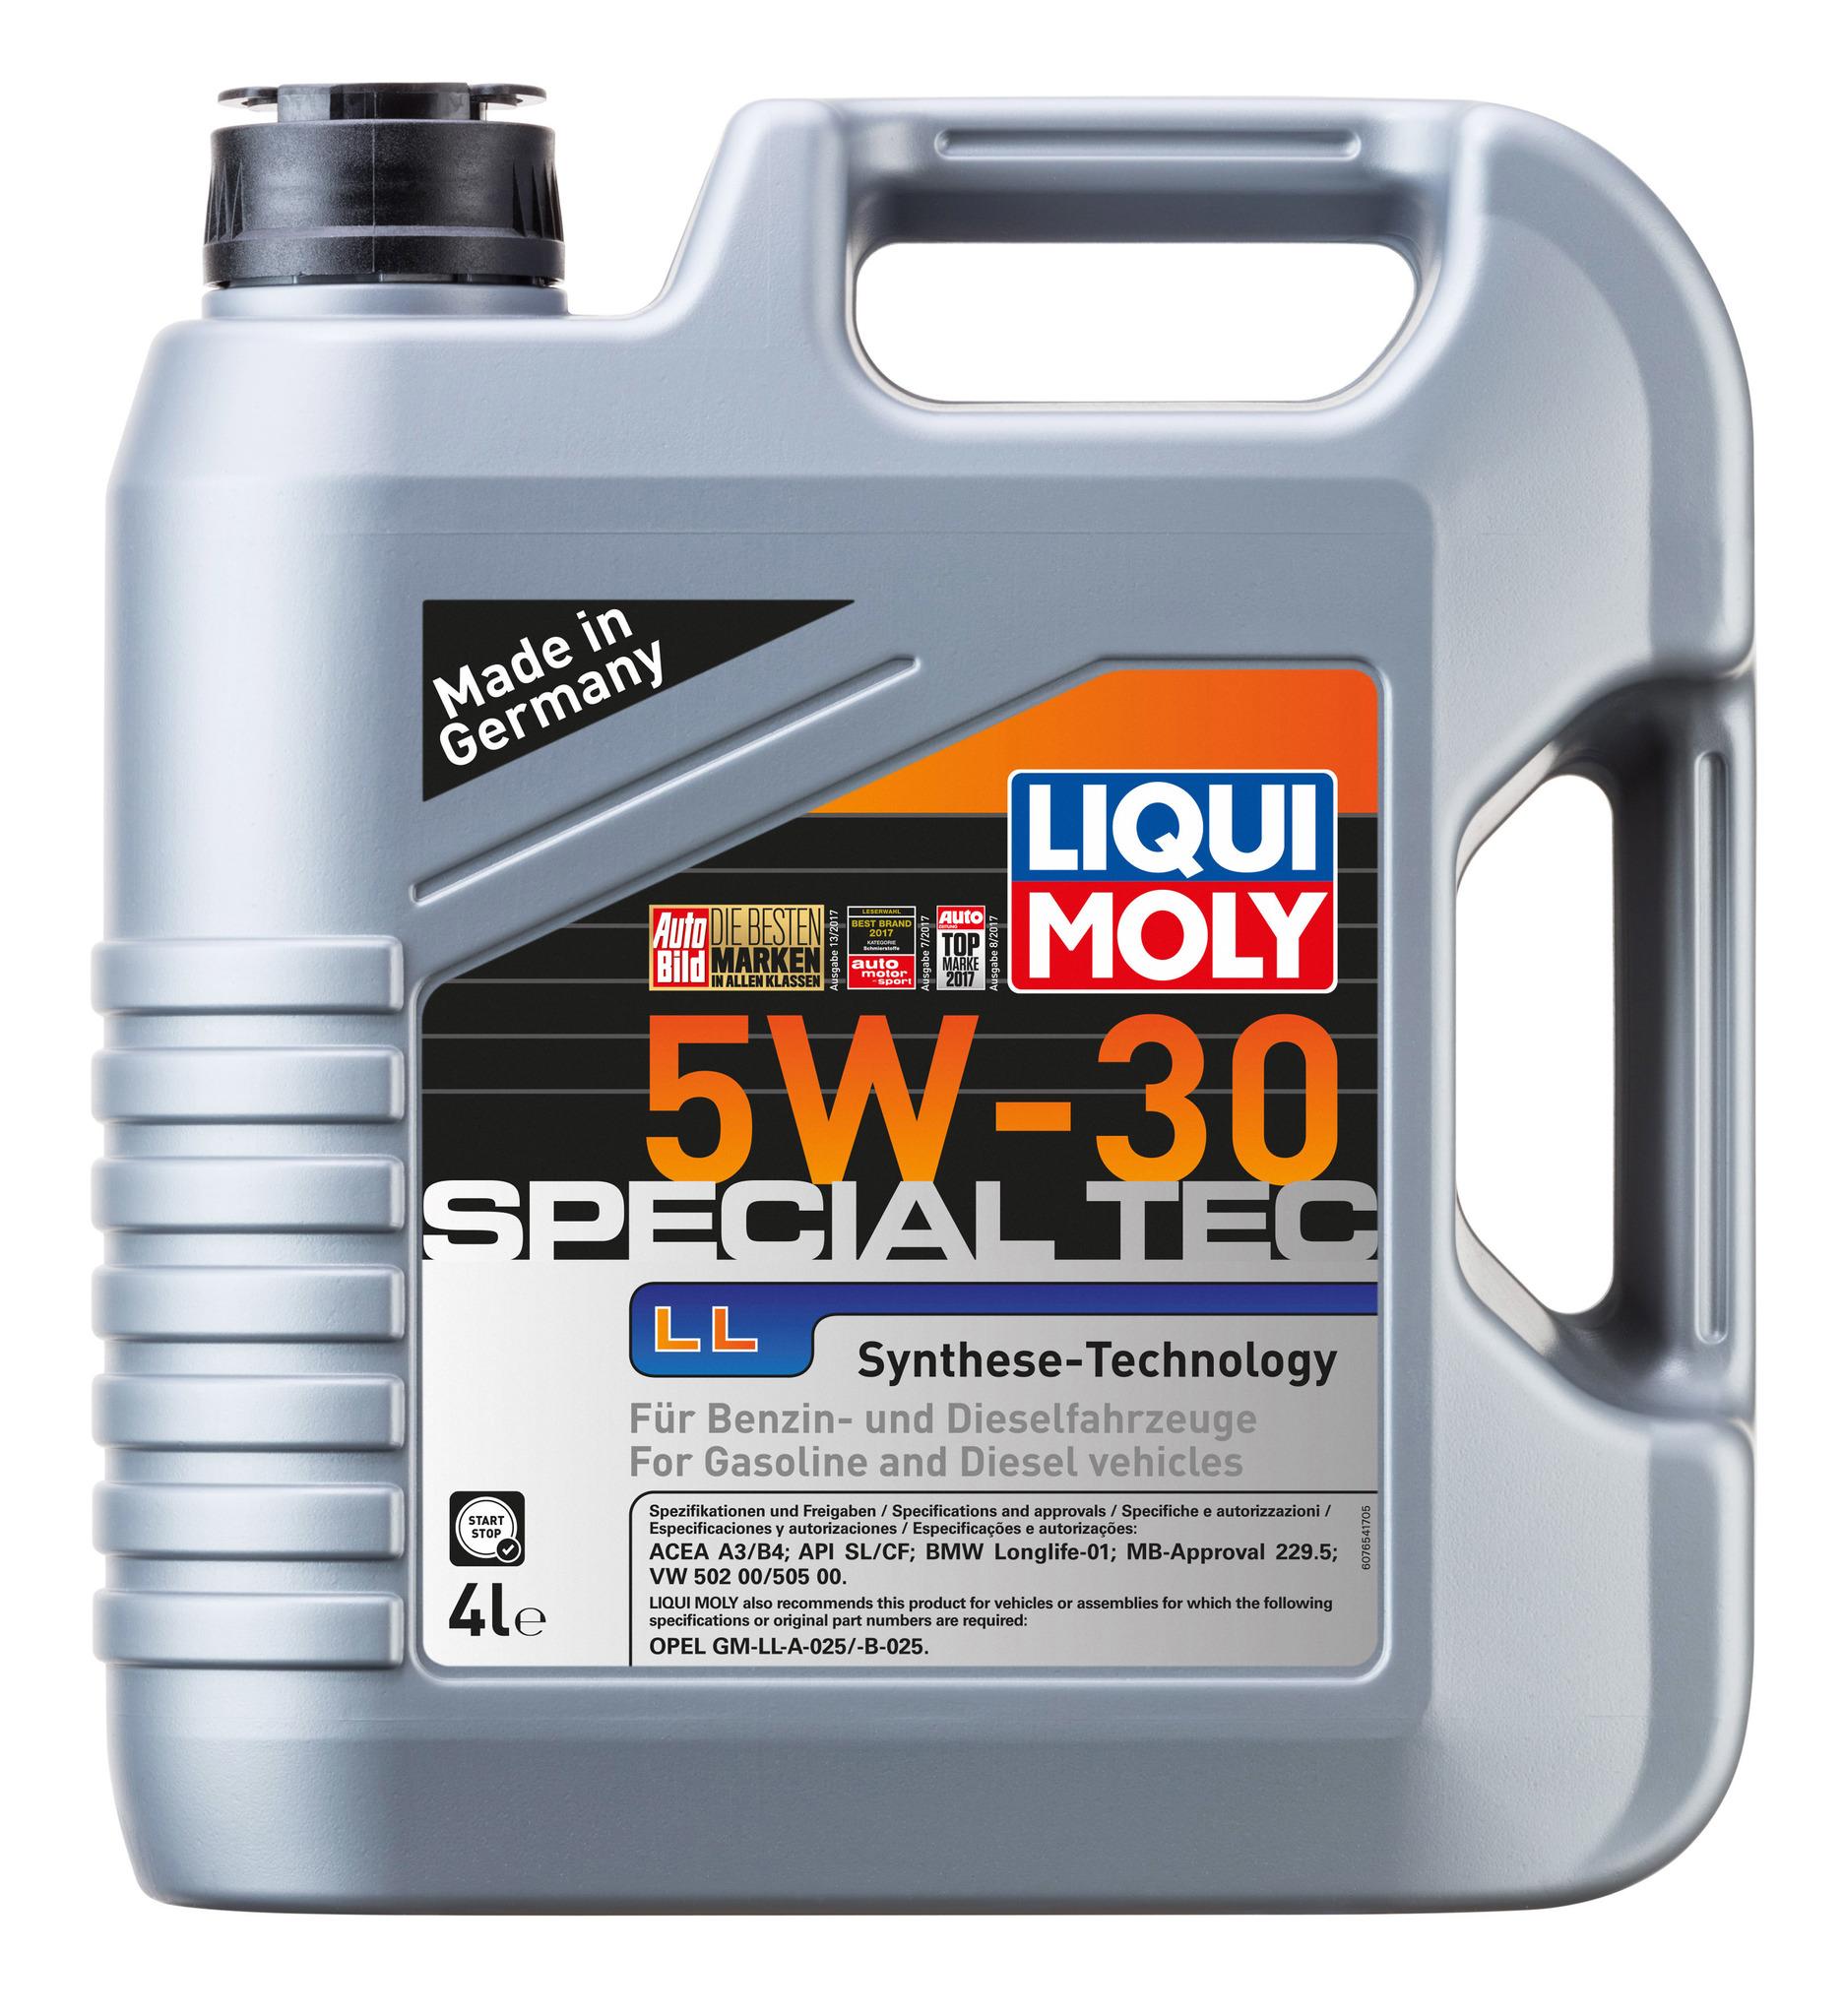 Liqui Moly Special Tec LL 5W30 НС синтетическое моторное масло (7654)